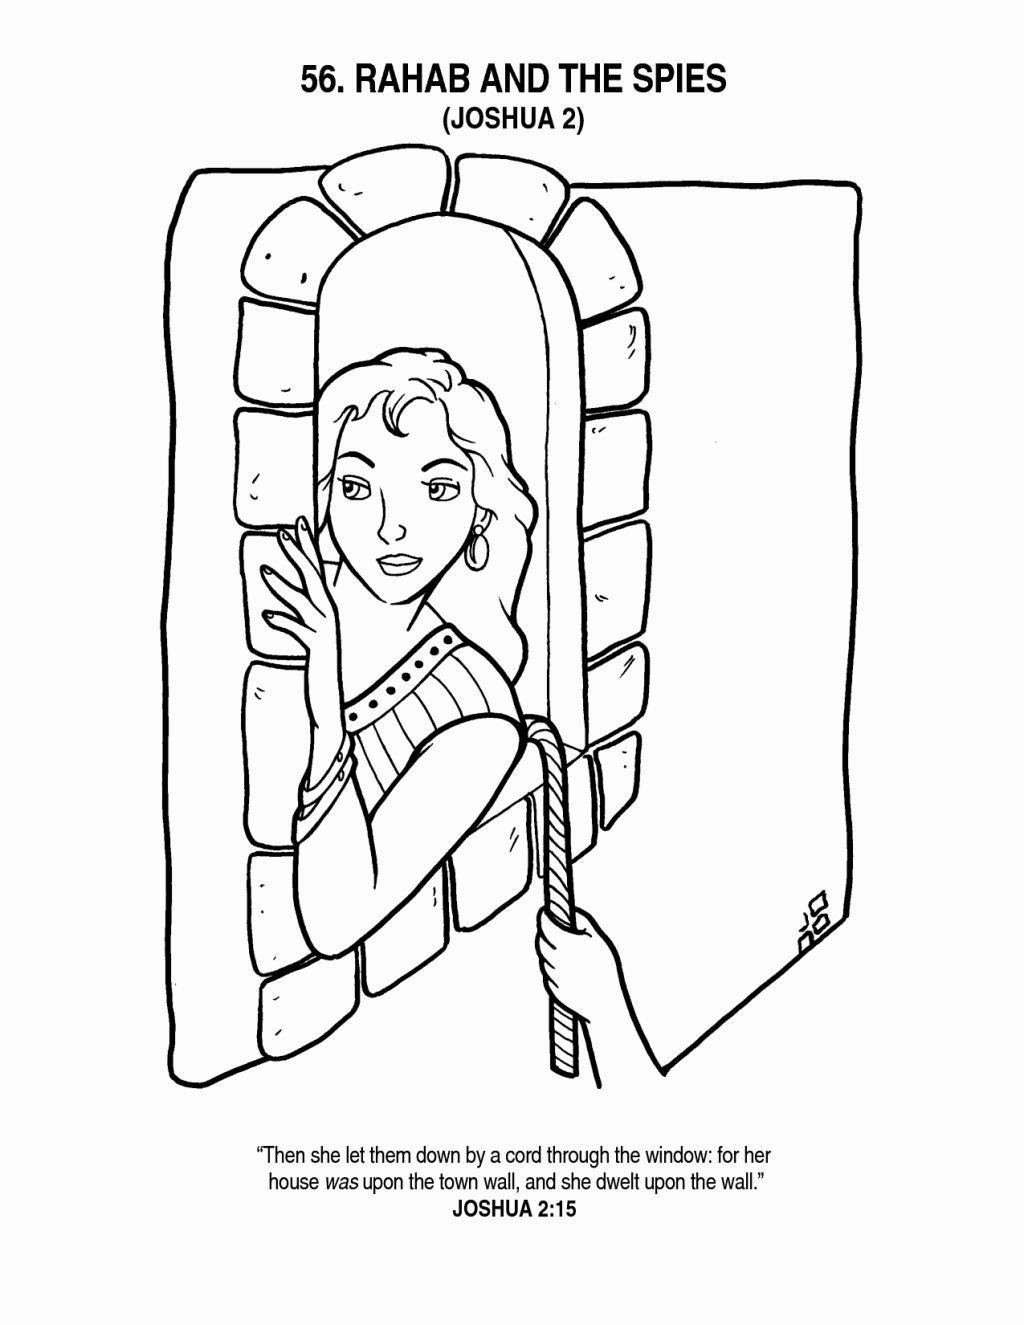 Rahab Coloring Page